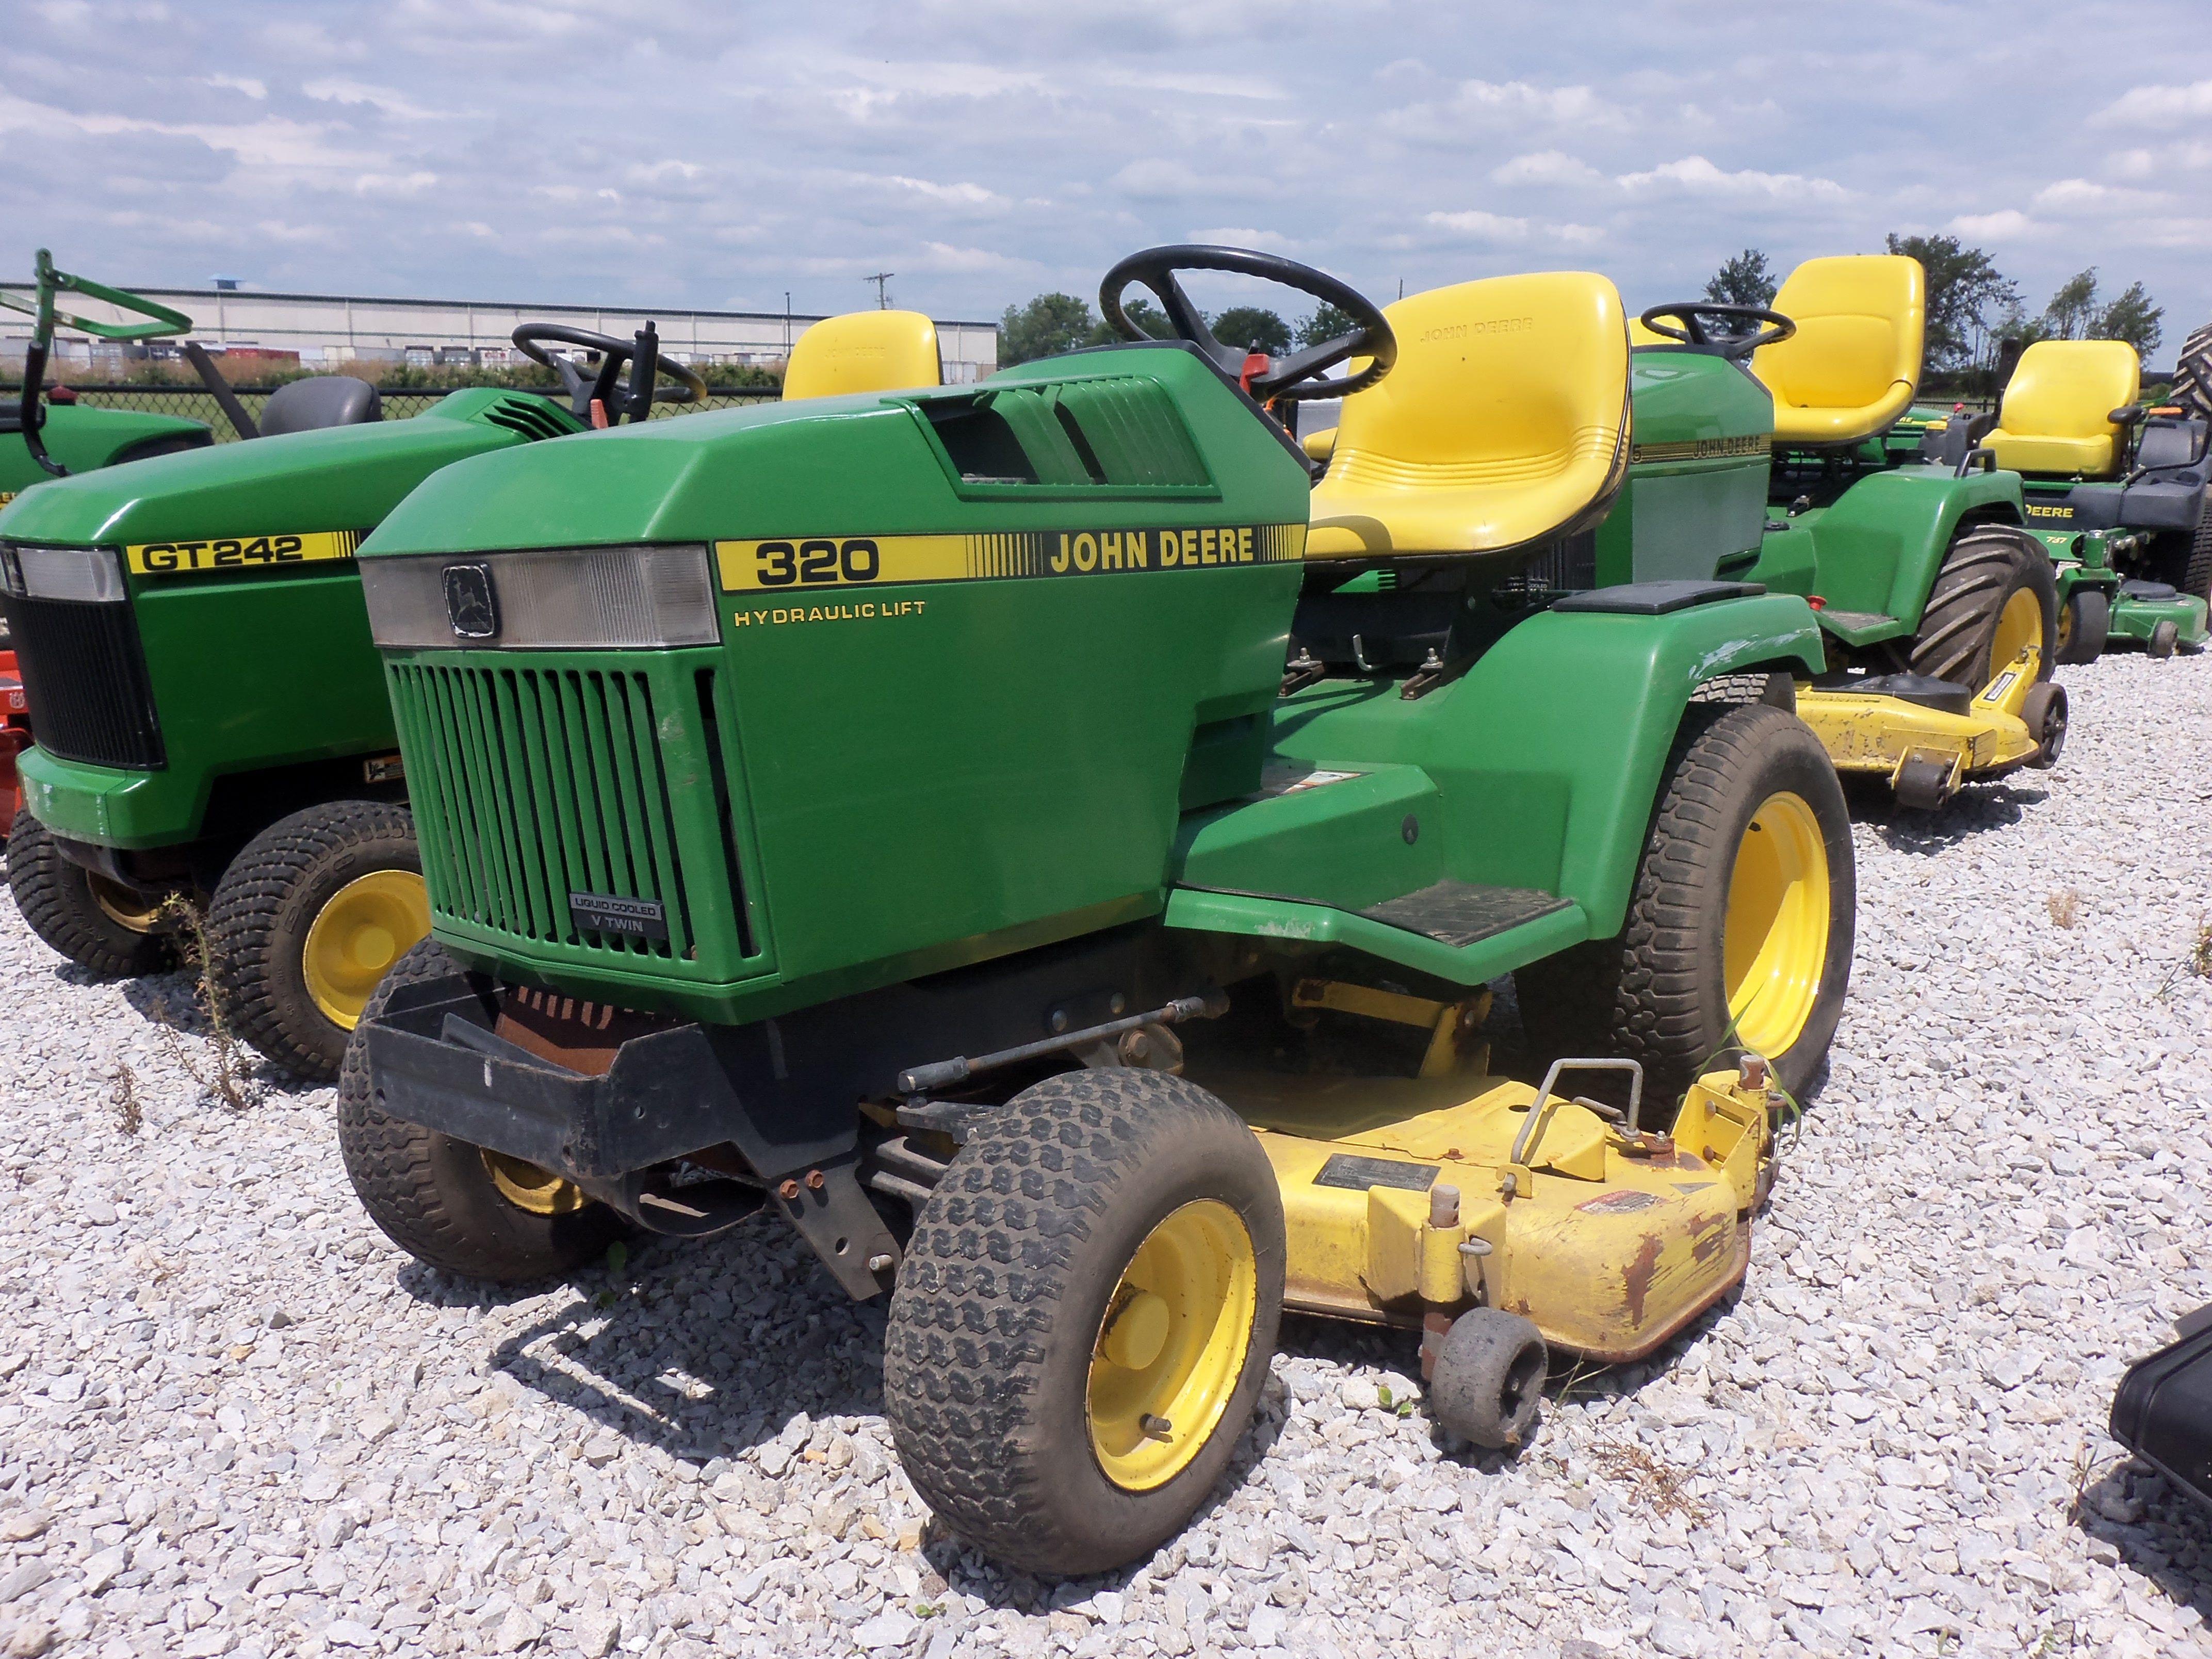 john deere 320 lawn garden tractor [ 4288 x 3216 Pixel ]